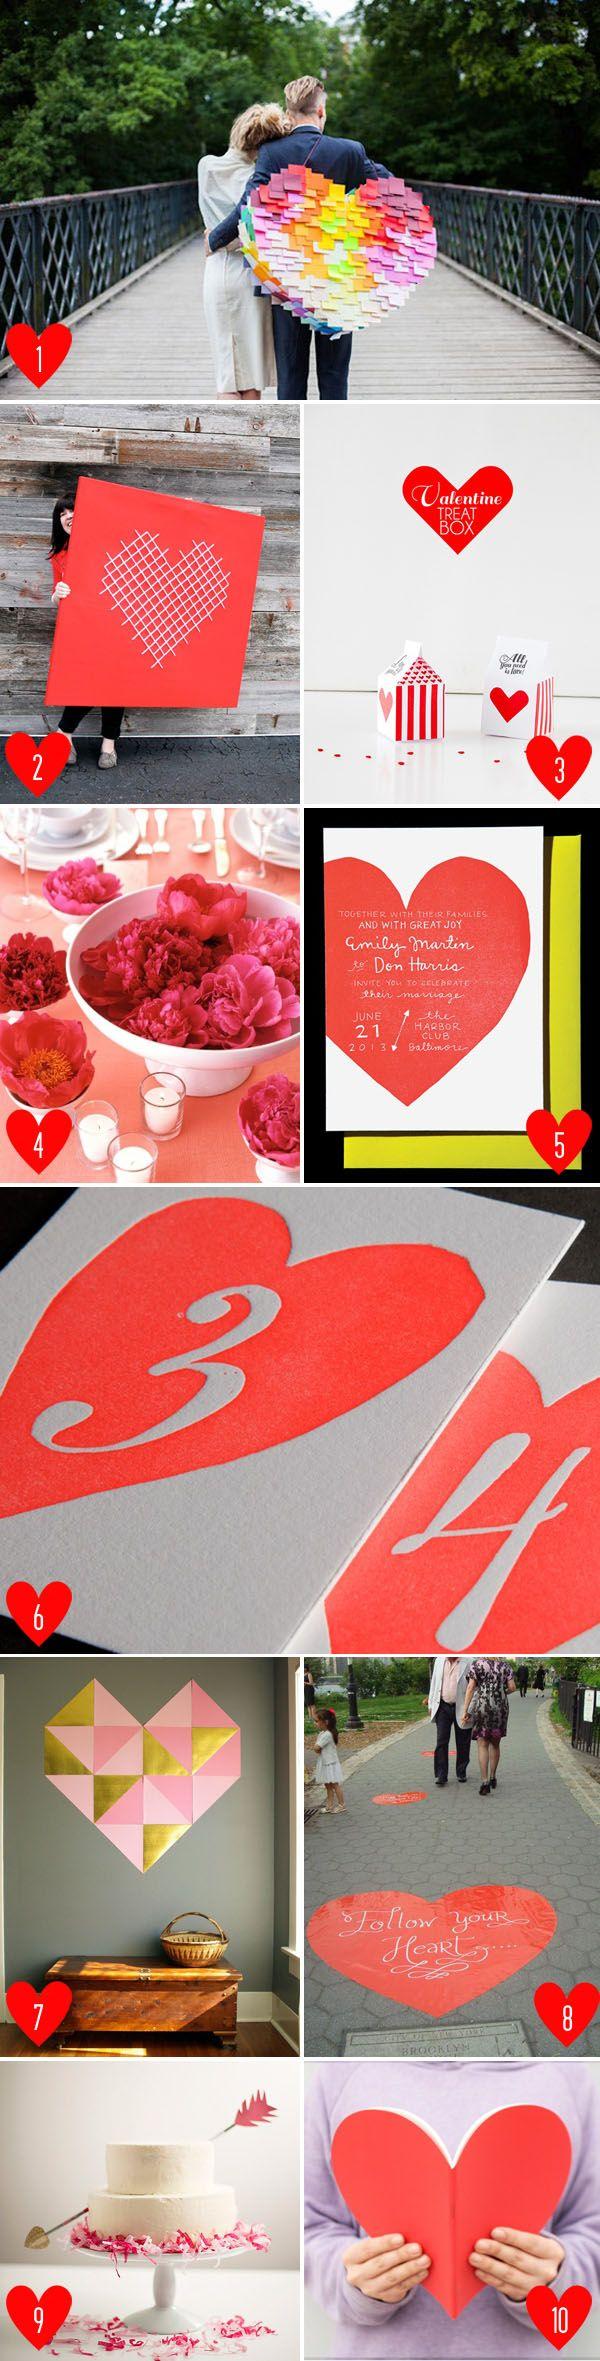 modern valentine's day decor